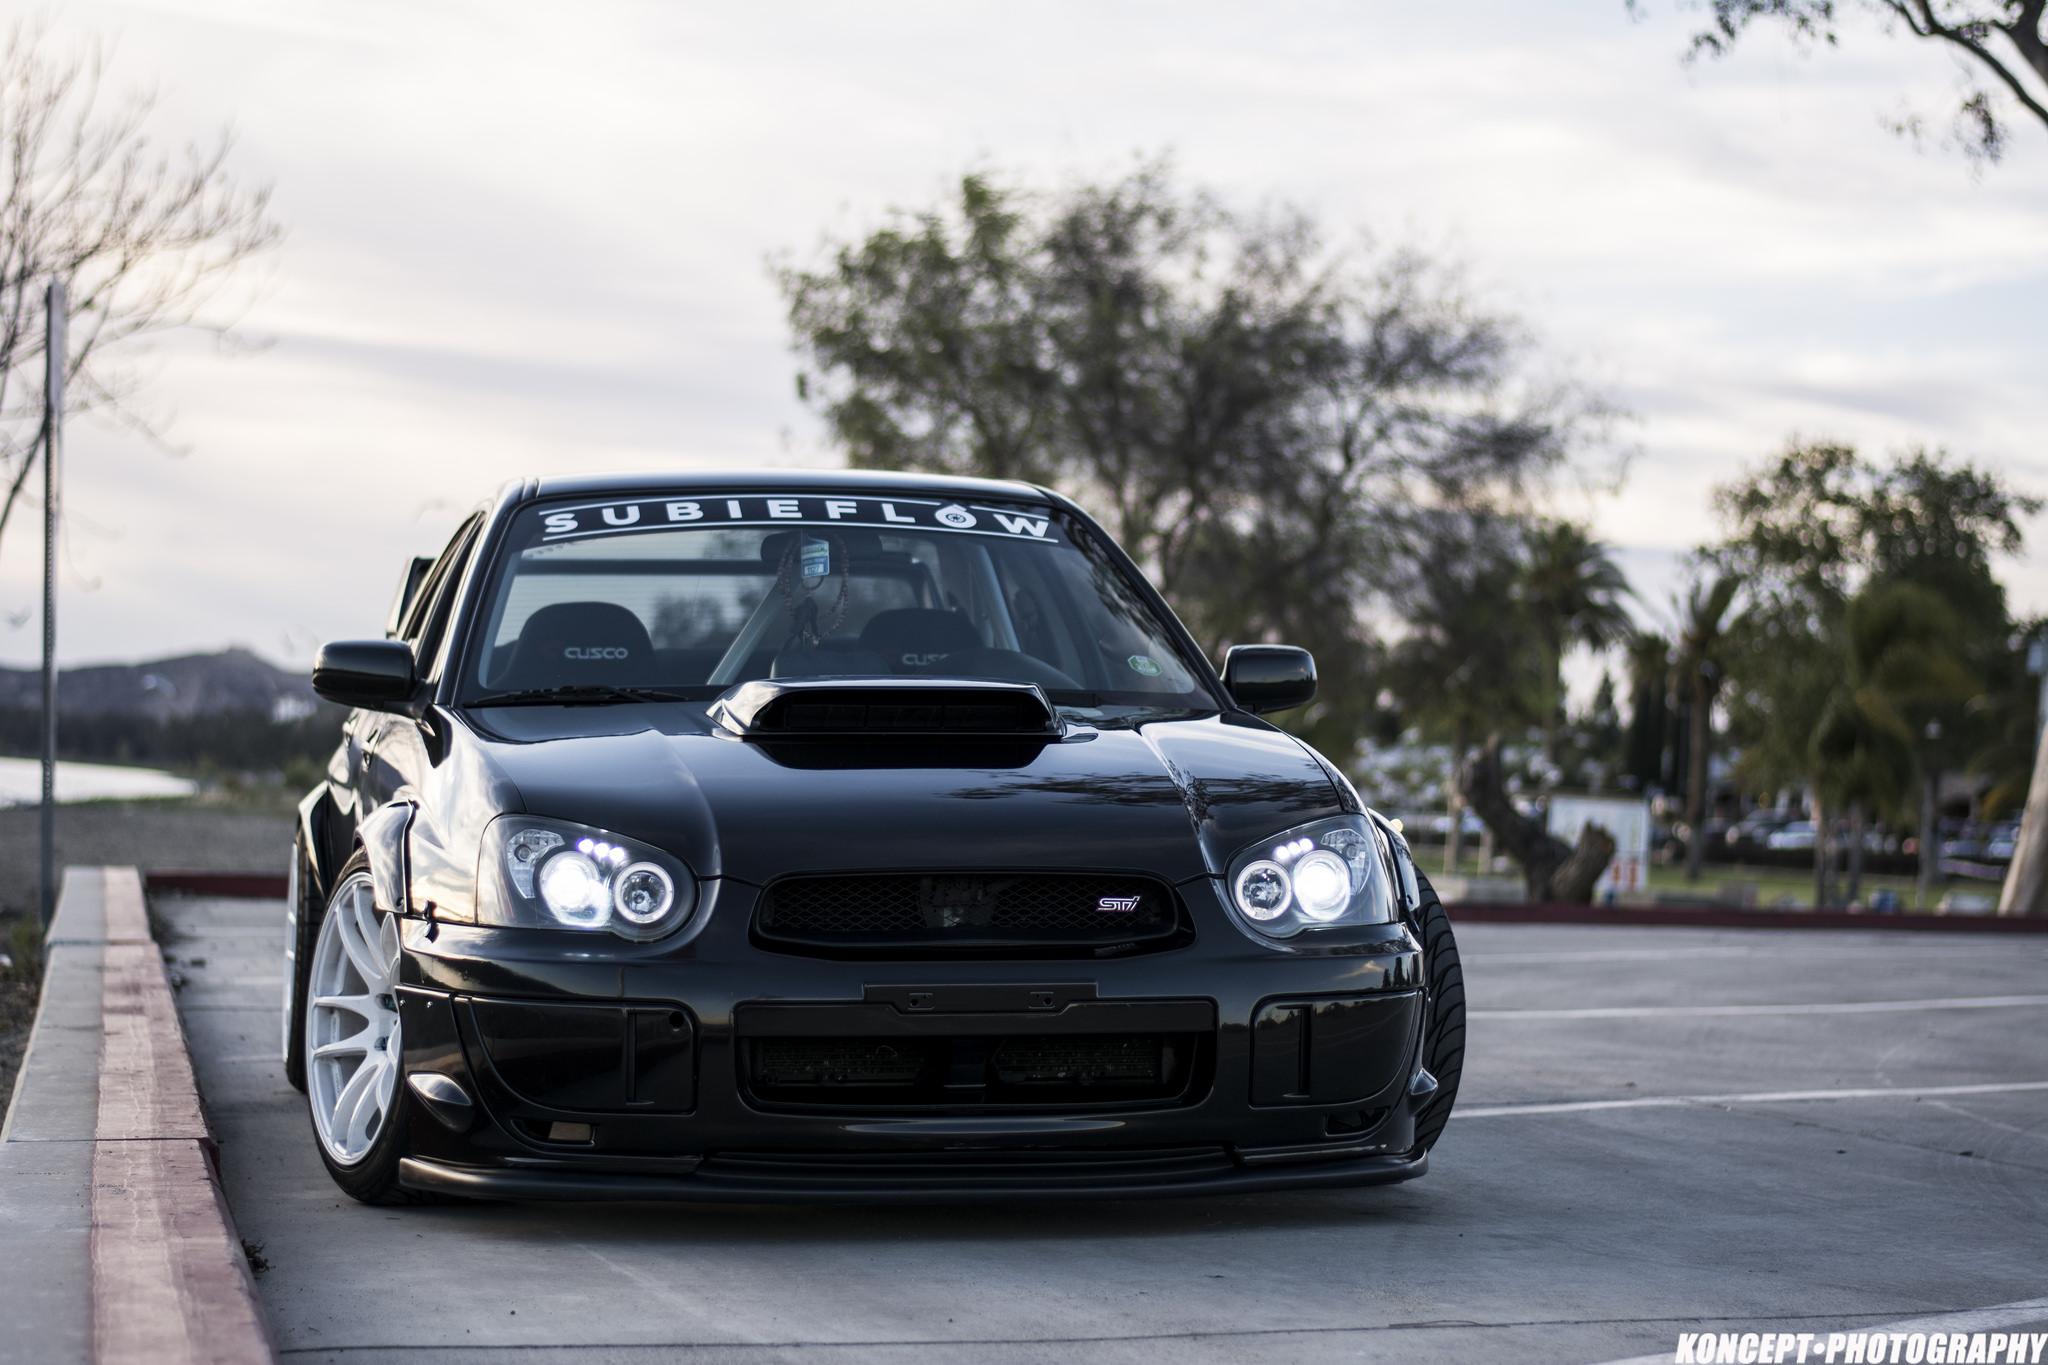 Nickaaa S Subaru Sti Mppsociety